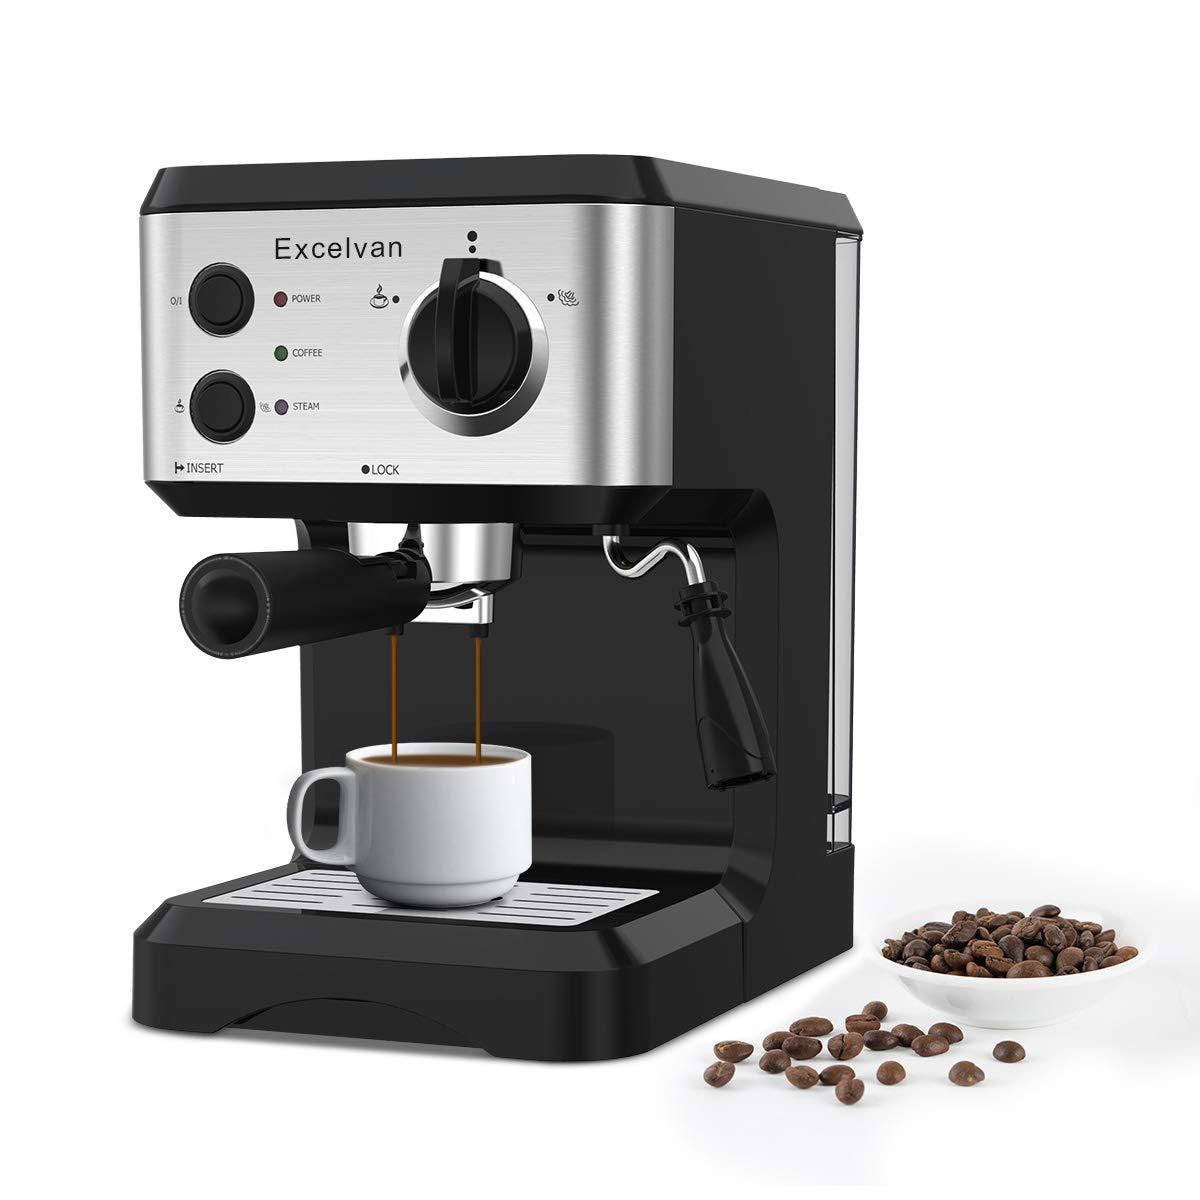 Excelvan Cafetera Espresso 1.25L, 15 Bares con Embudo de Metal Removible, Espumador de Leche para Capuchinos y Lattés, Color Negro&Plateado